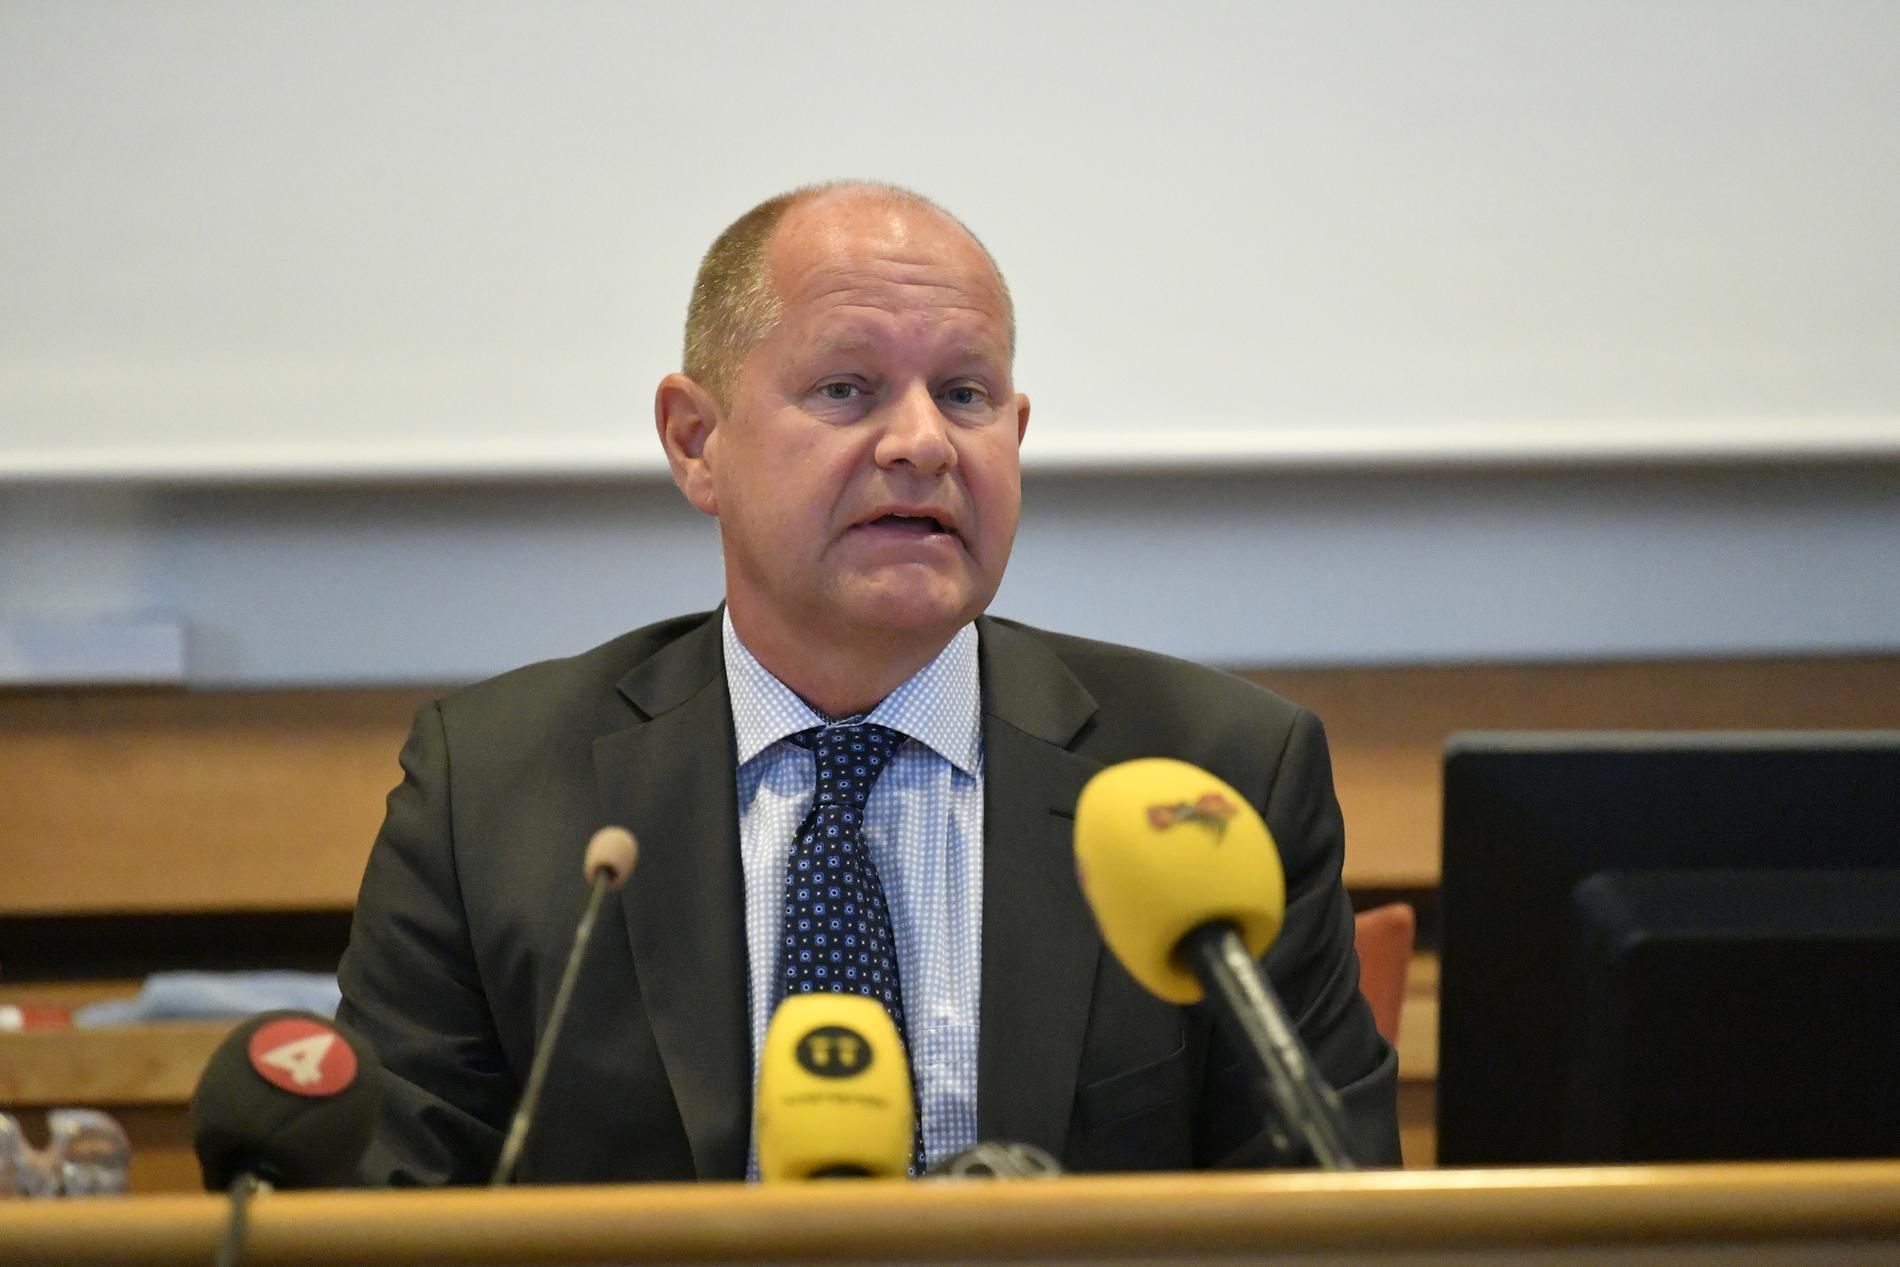 Rikspolischef Dan Eliasson avgår och blir generaldirektör för MSB.